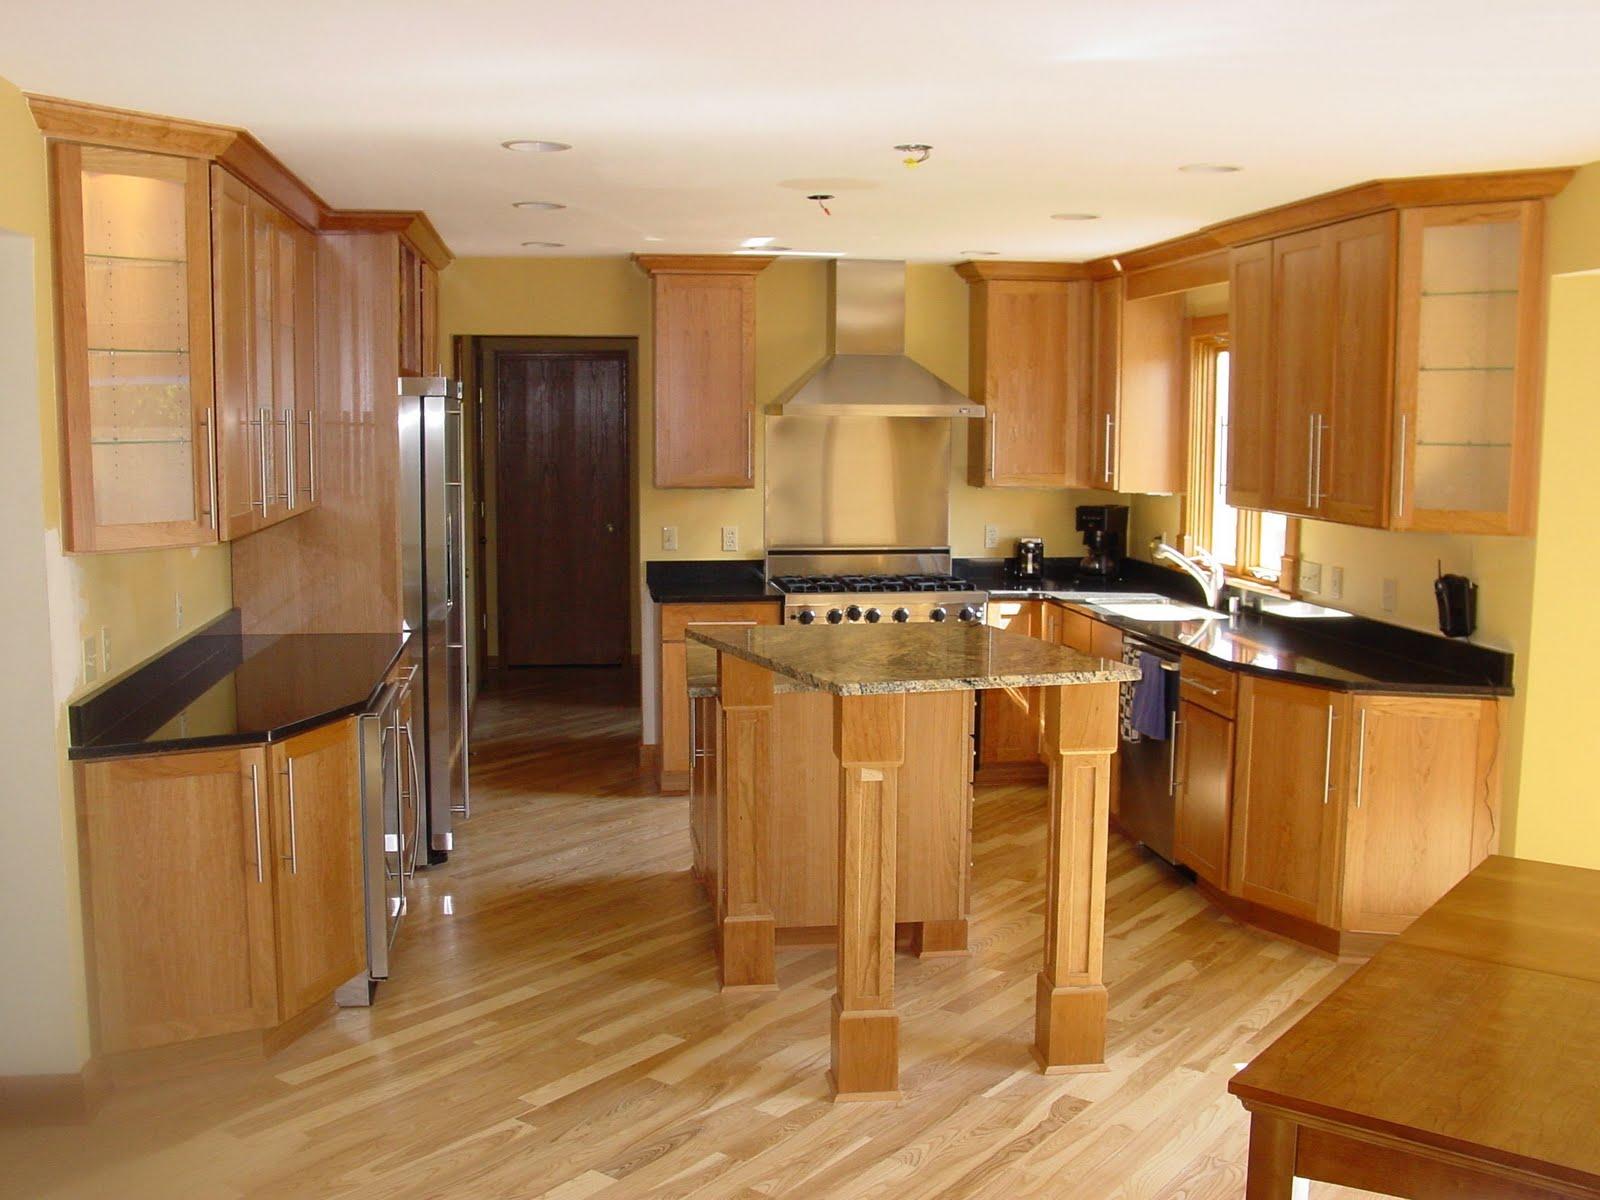 modelos de cocinas de madera imagui